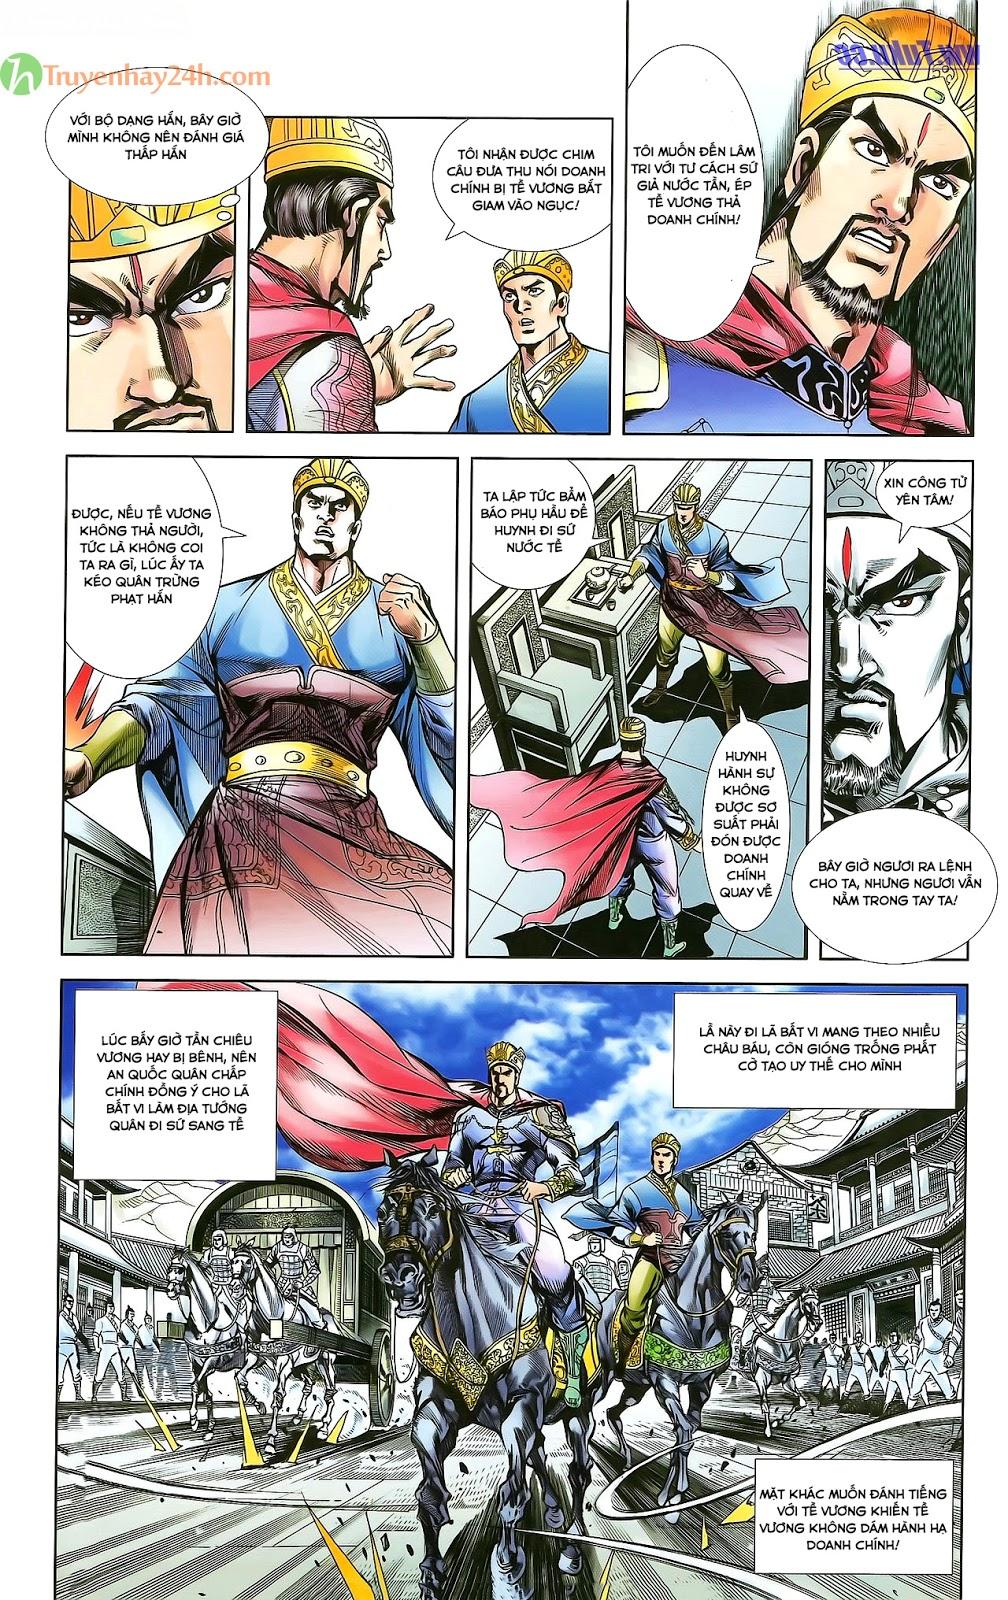 Tần Vương Doanh Chính chapter 28 trang 27